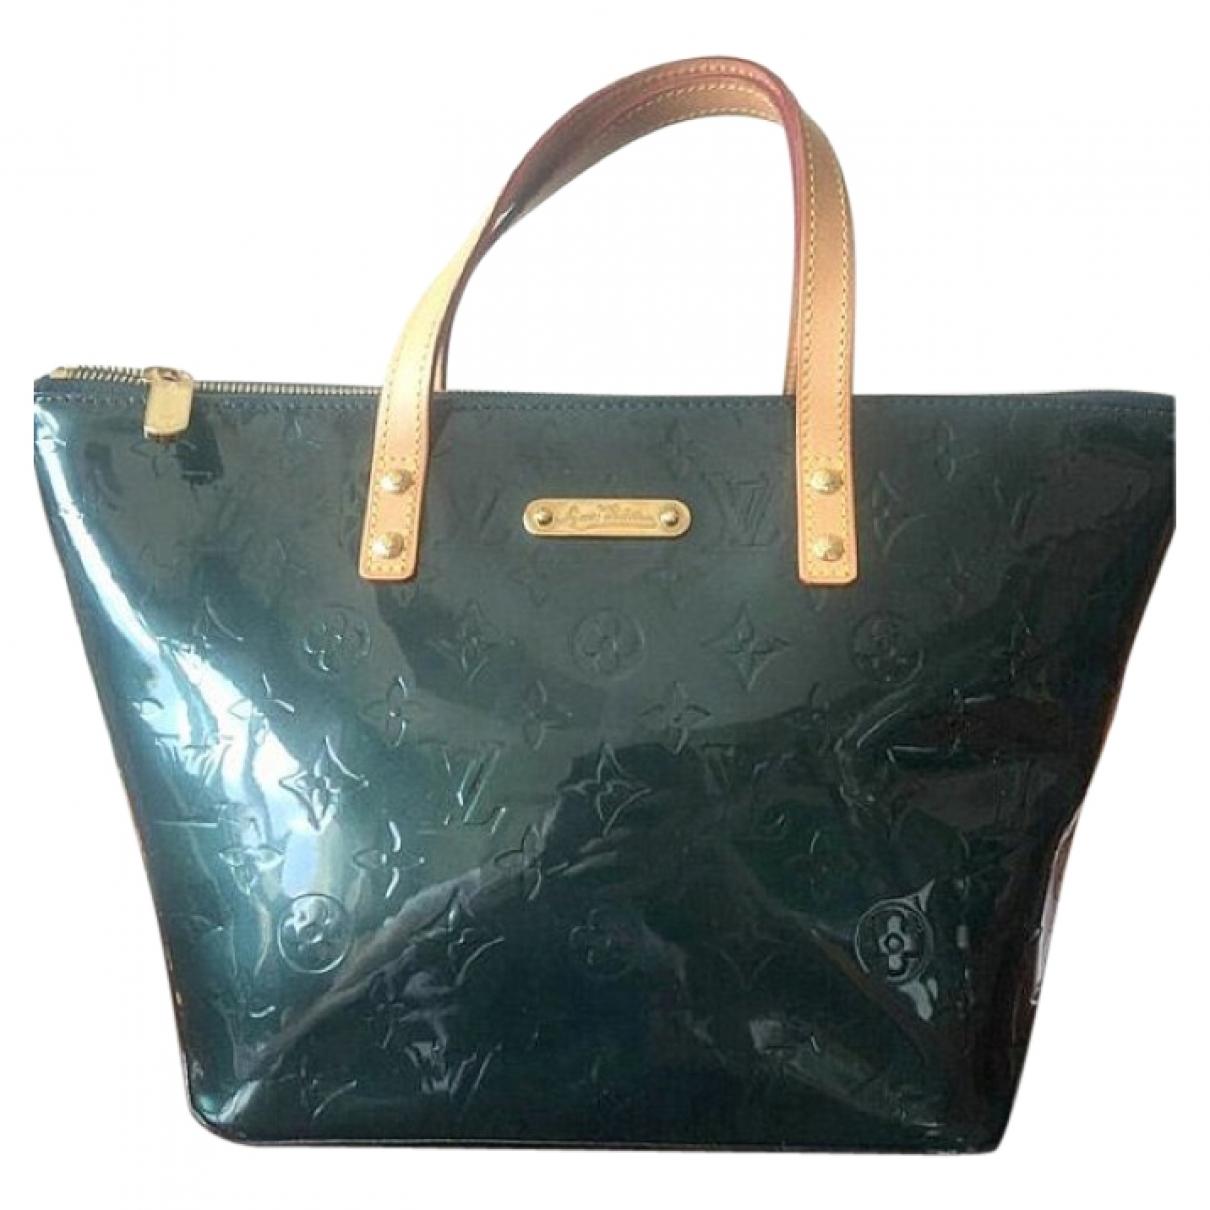 Louis Vuitton Bellevue Handtasche in  Gruen Lackleder